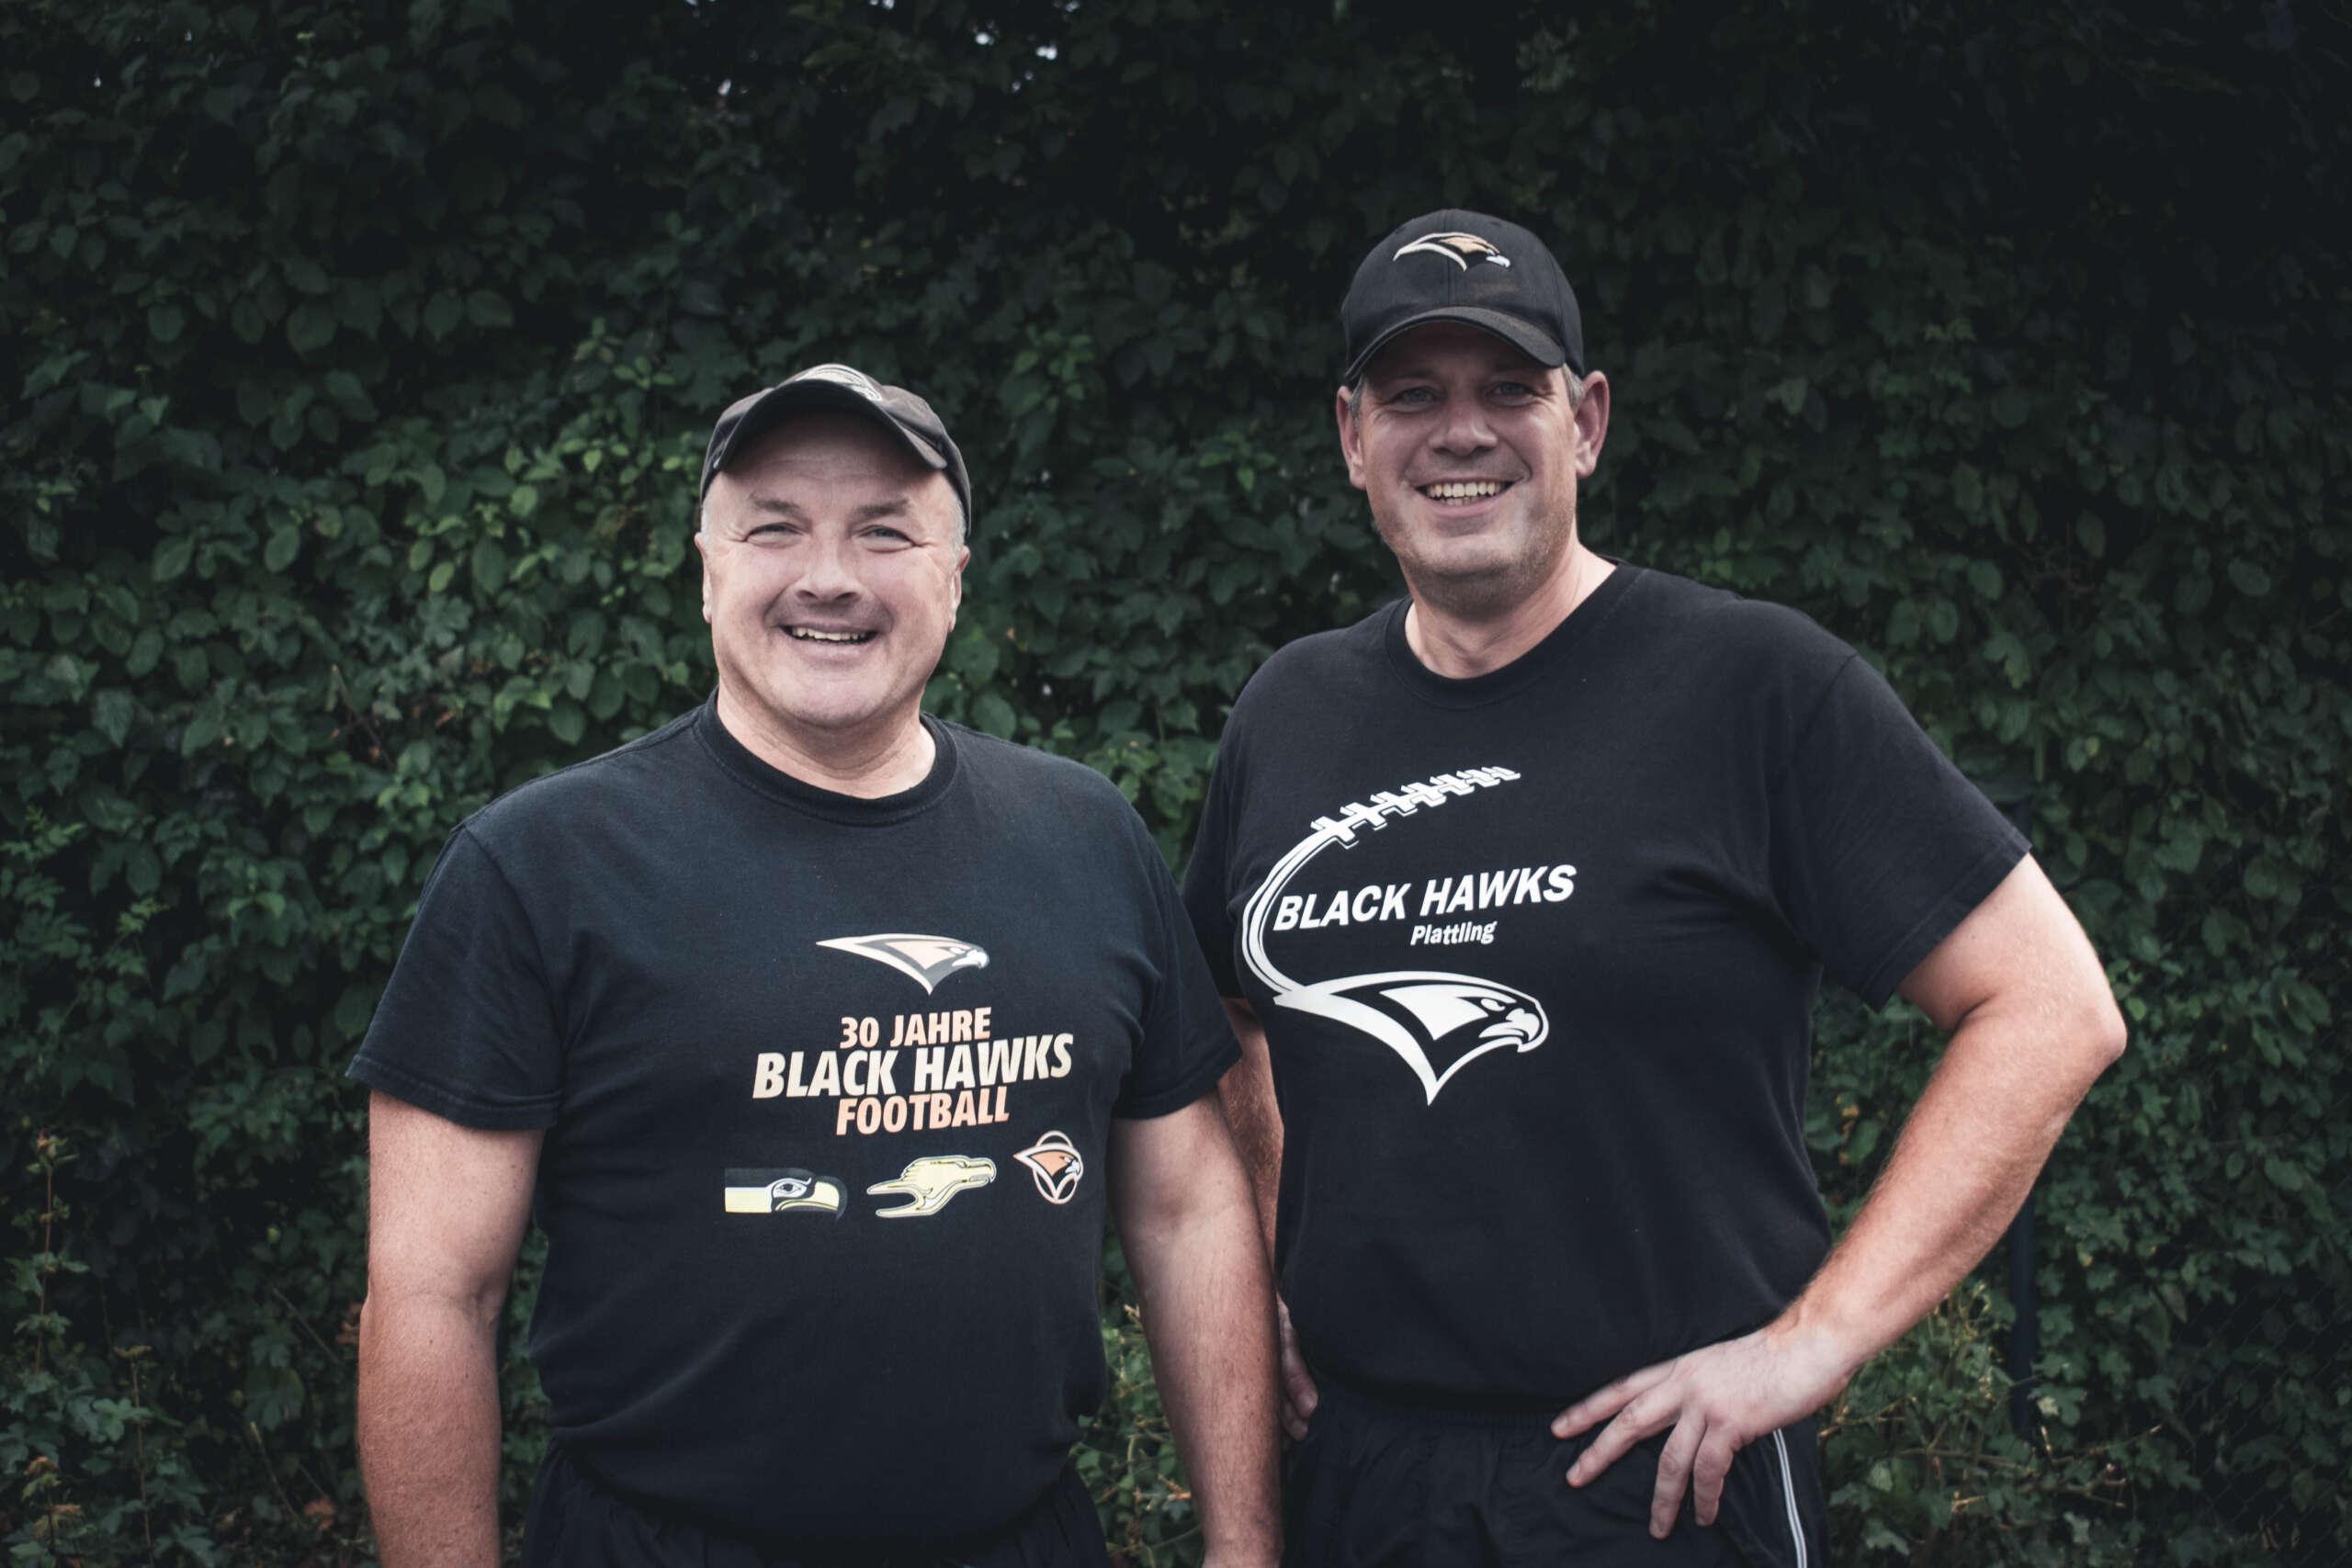 06.10.21 – Black Hawks suchen neuen Cheftrainer